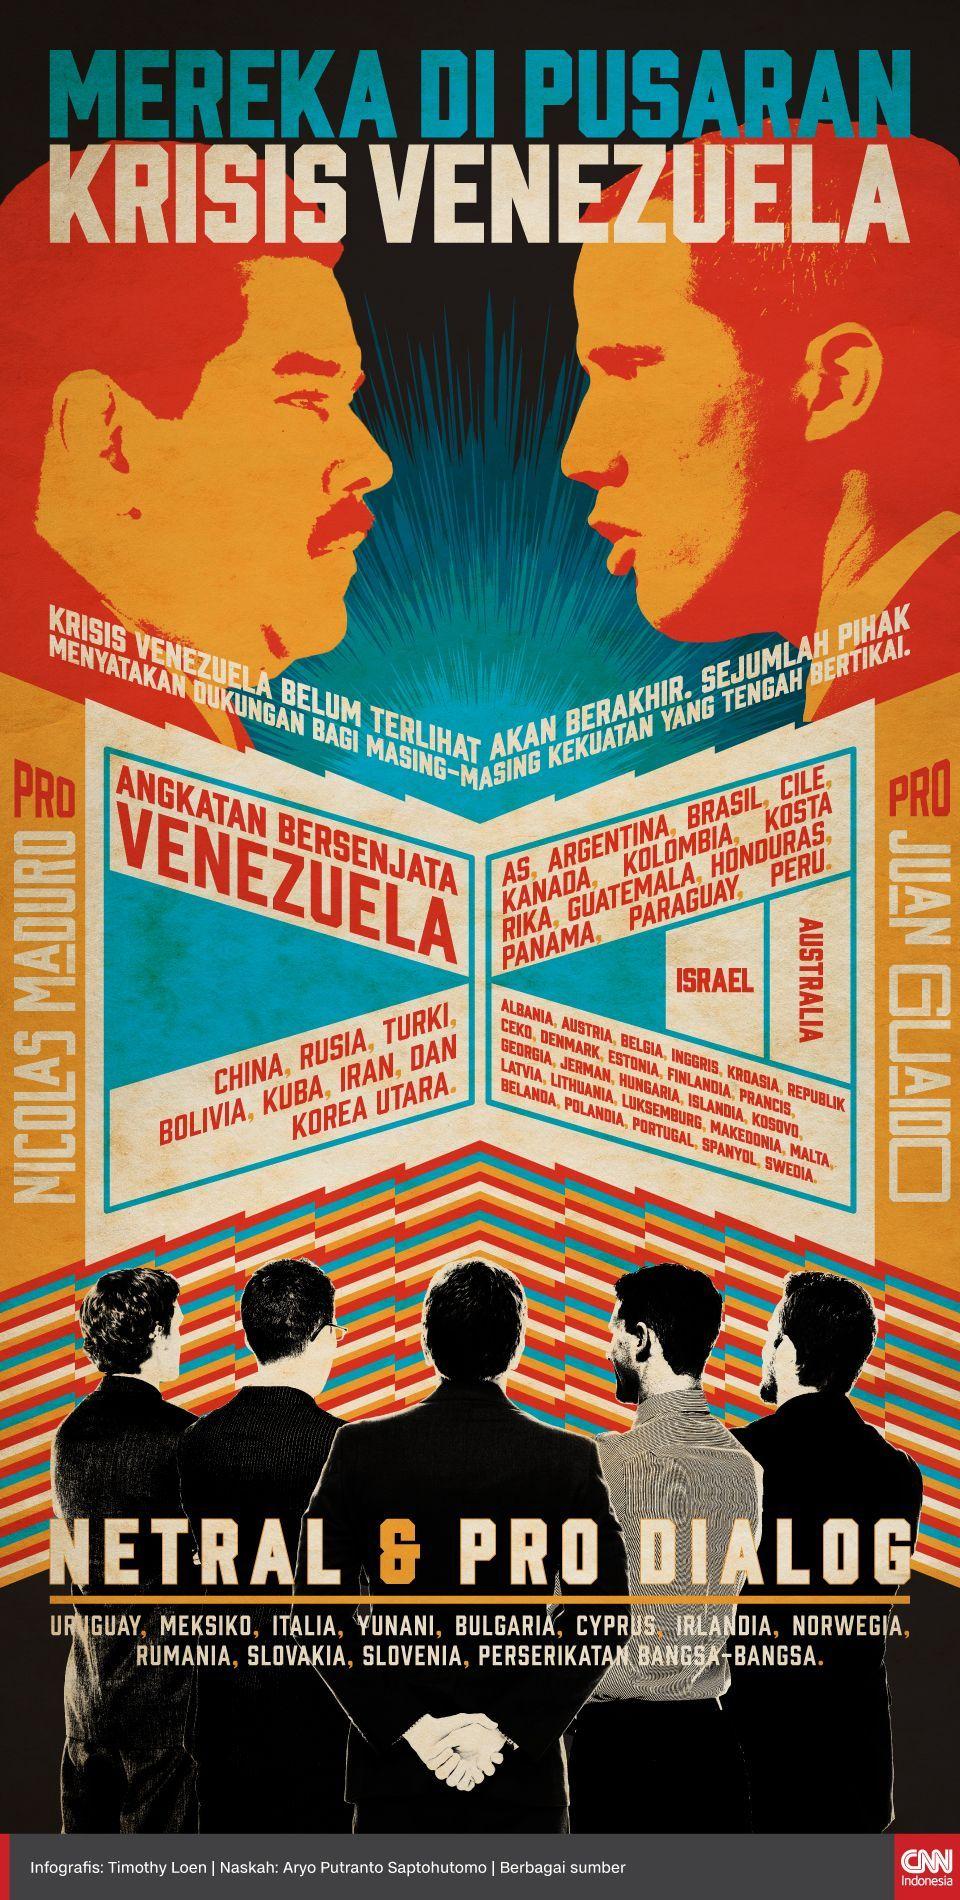 Infografis Mereka di Putaran Krisis Venezuela